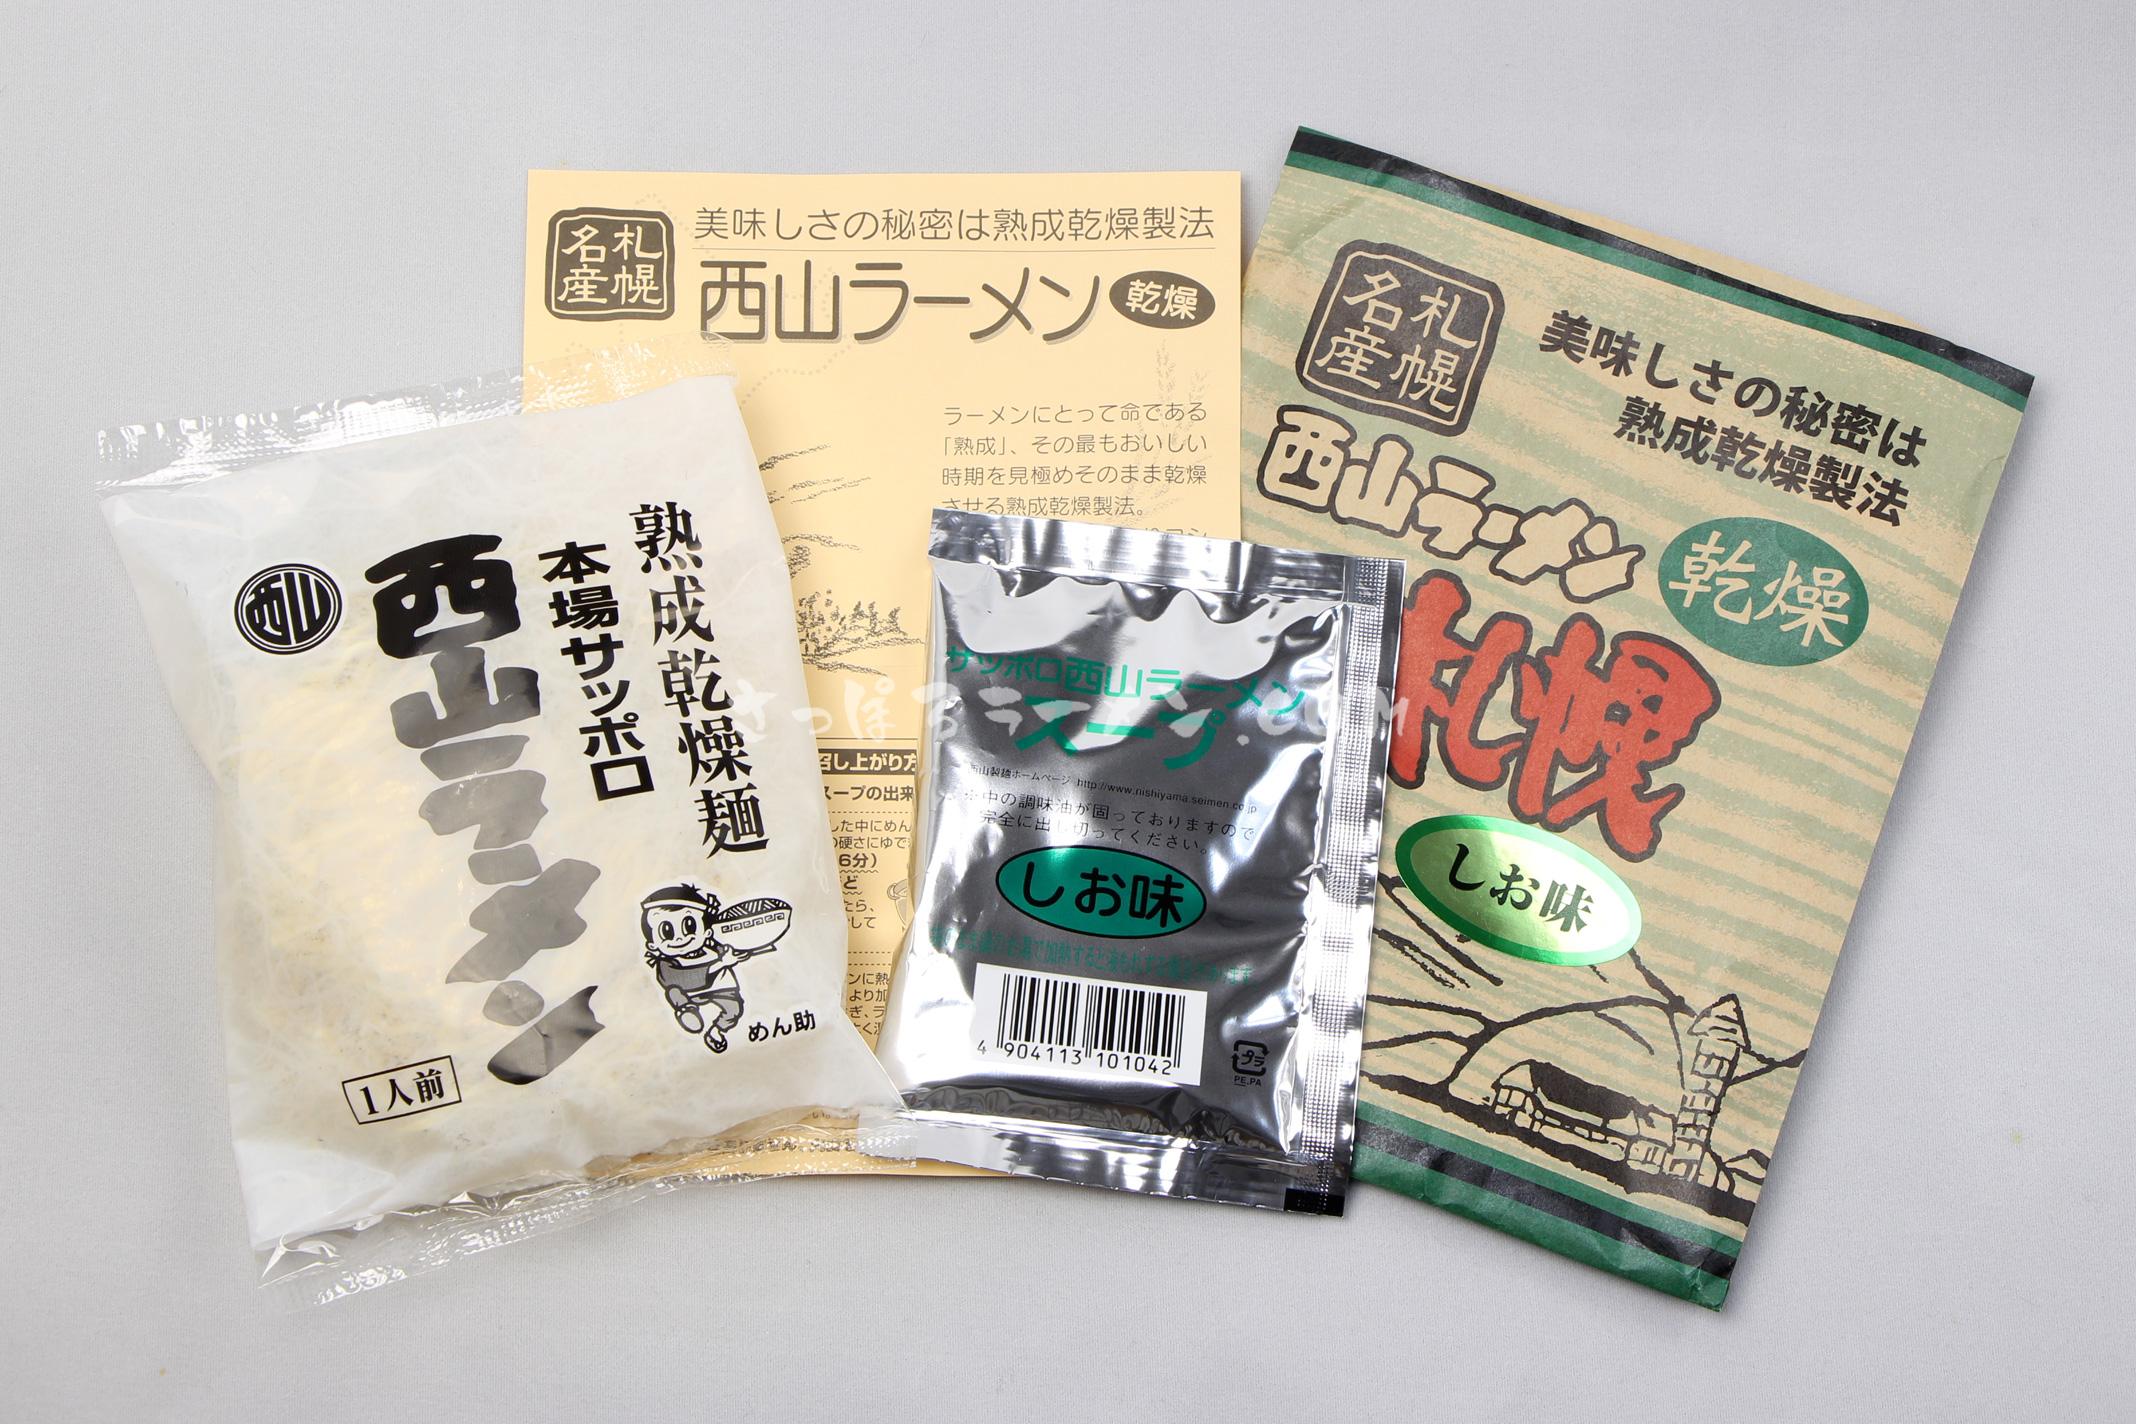 「札幌名産 西山ラーメン 乾燥 札幌 しお味(1食入)」(西山製麺)の麺とスープ